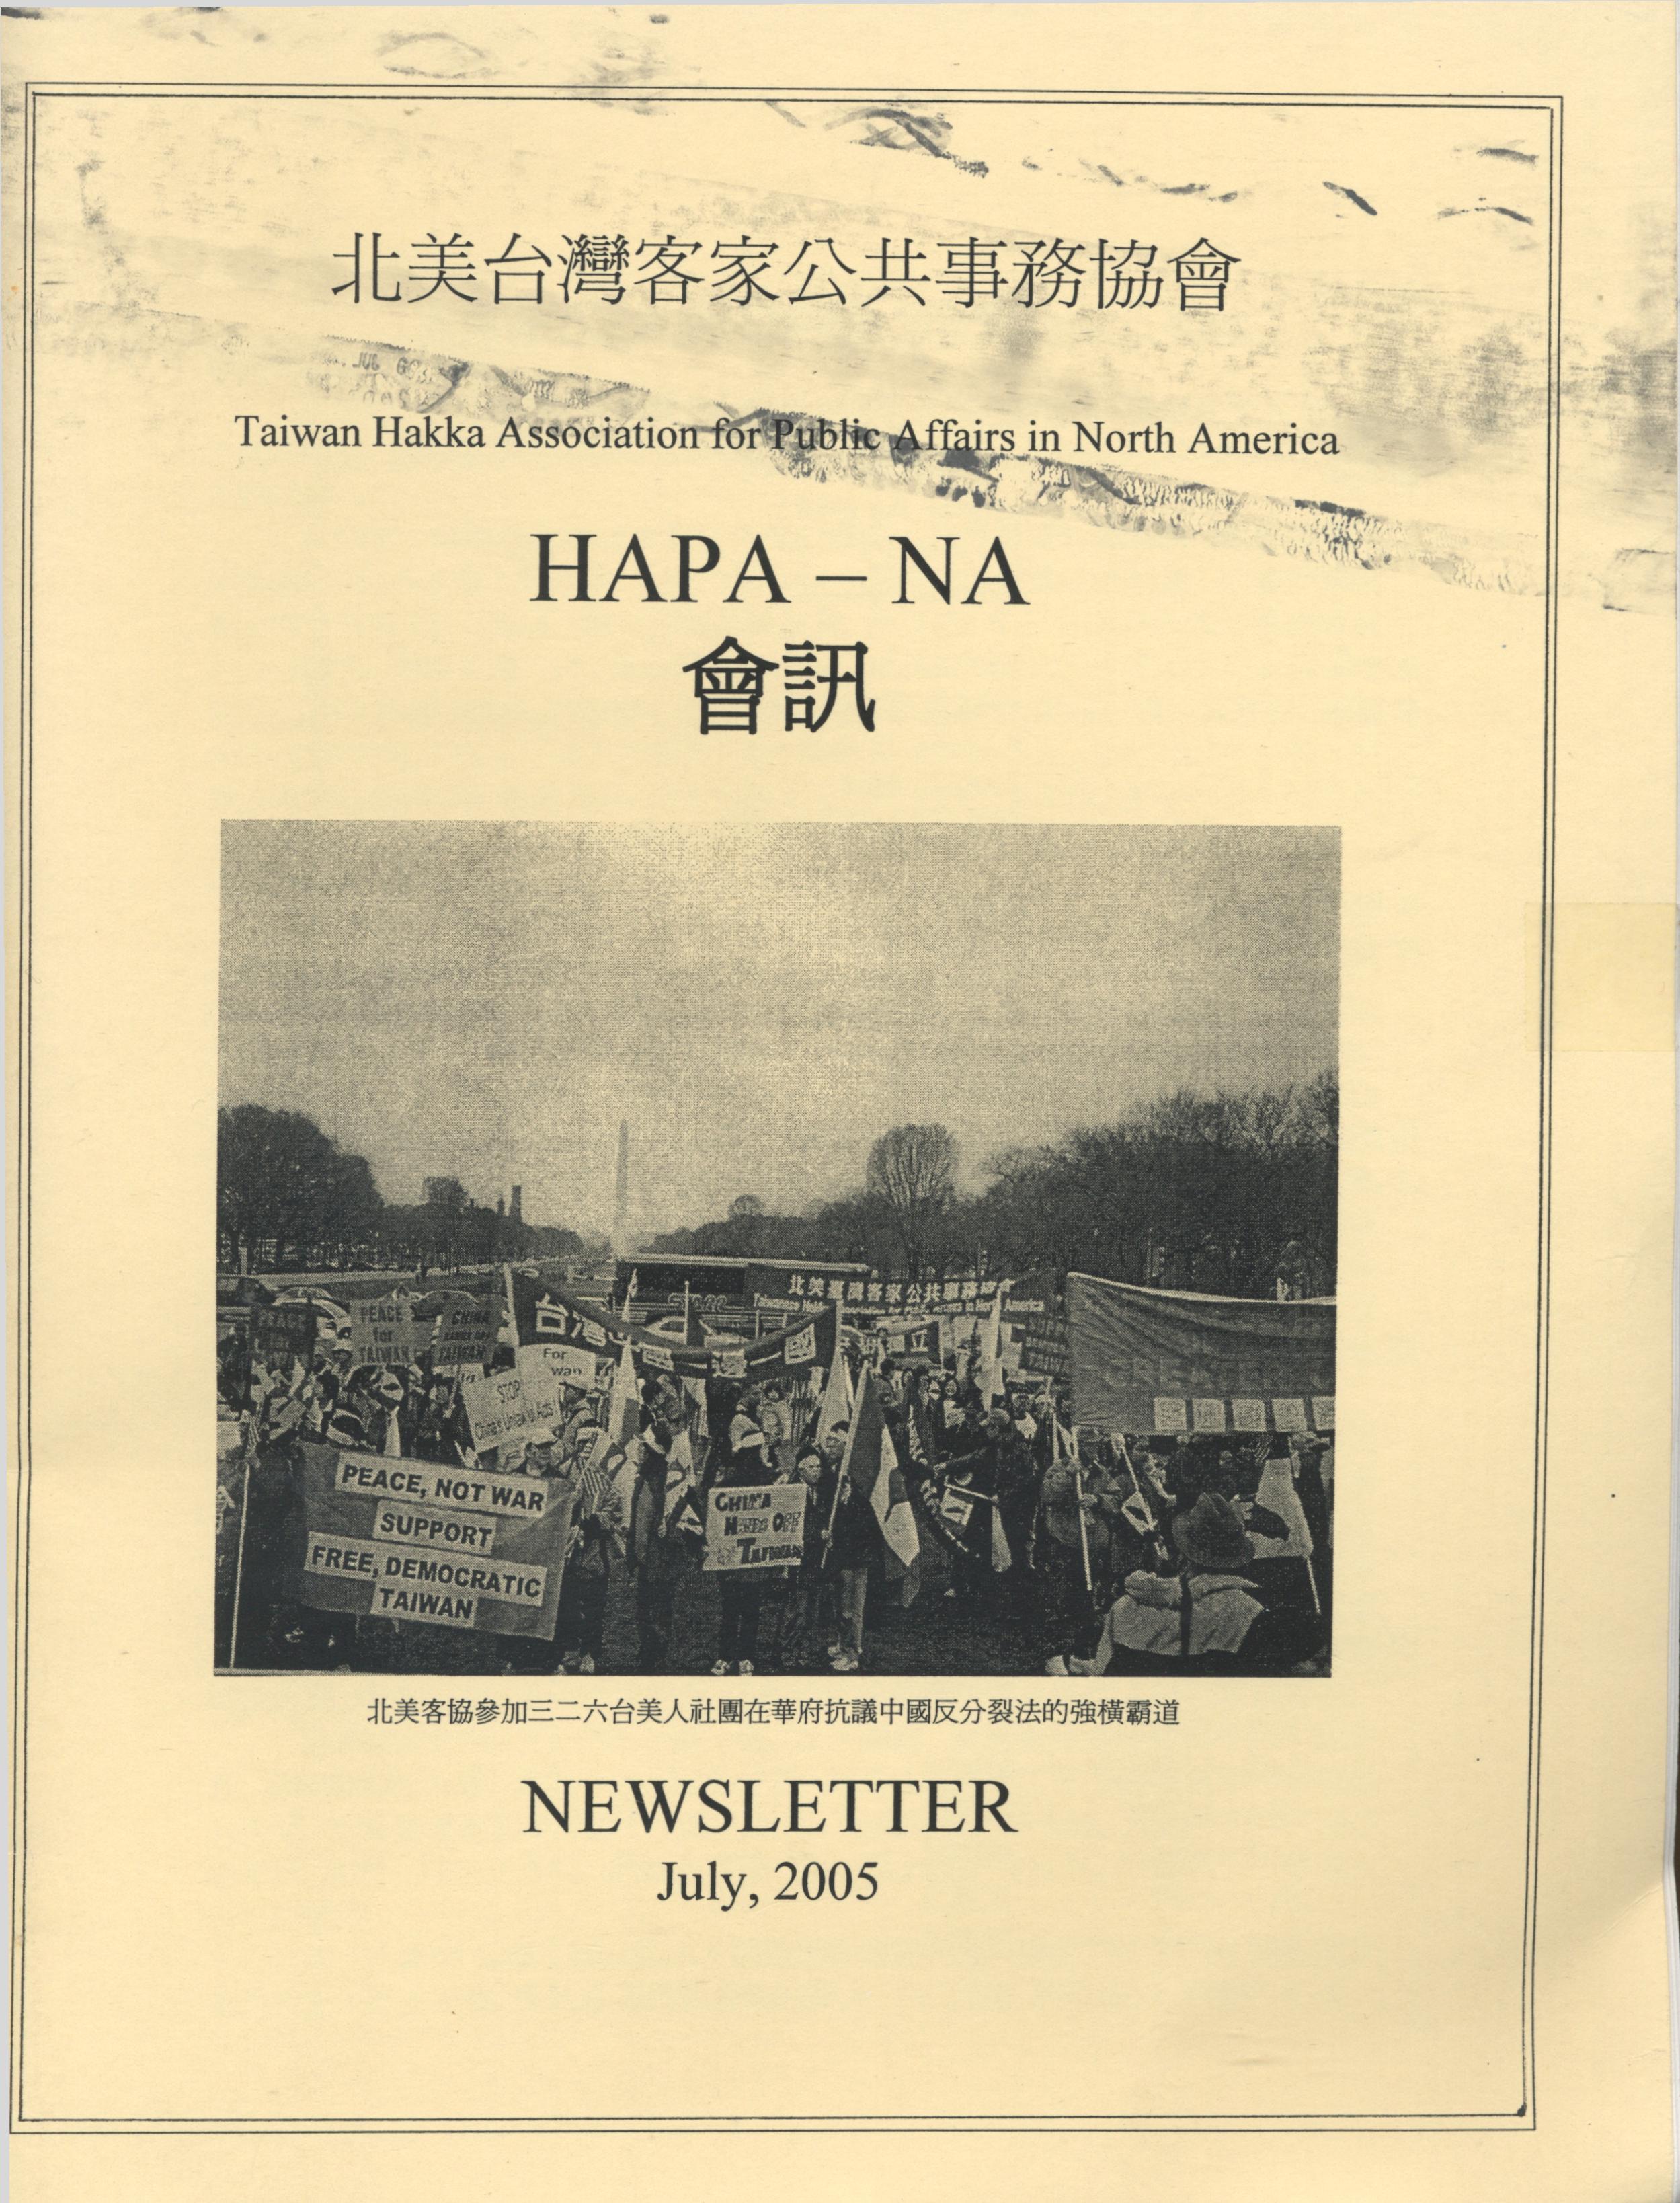 734_北美台灣客家公共事務協會2005會訊